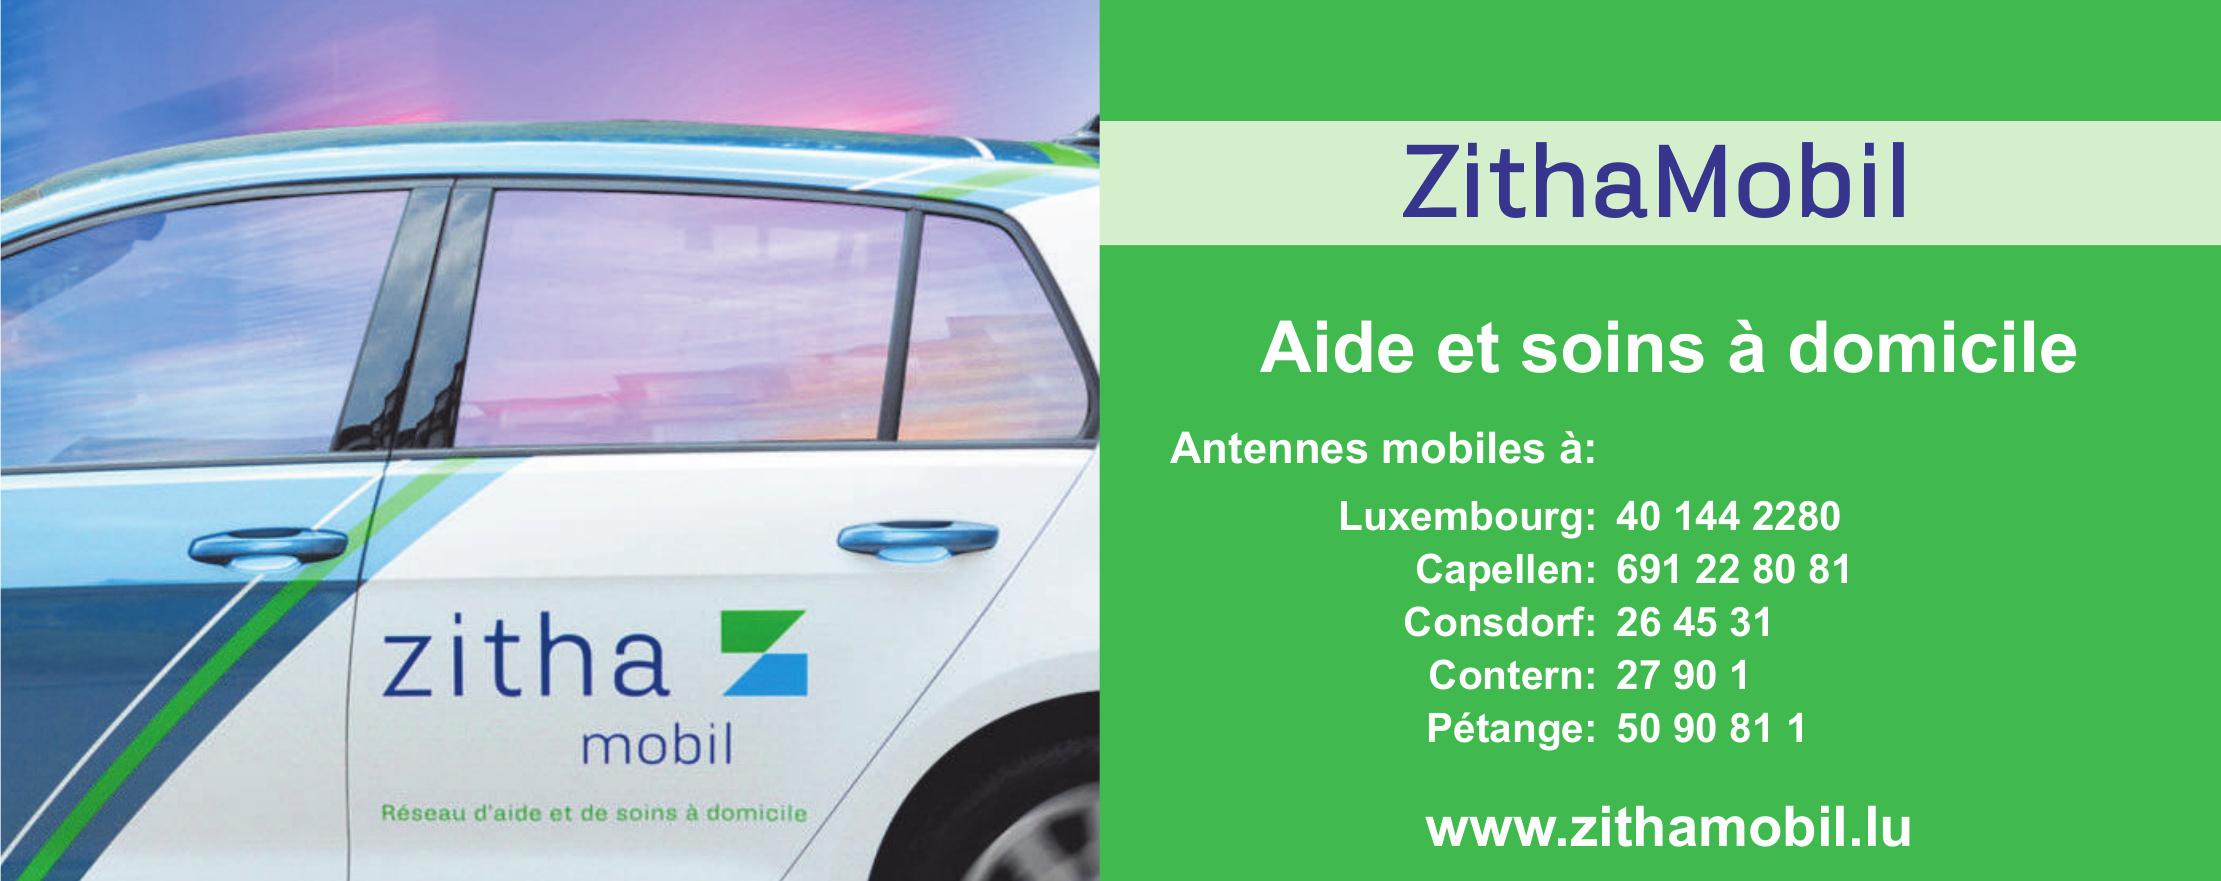 ZithaMobil ëmmer fir Iech do – och a schwéieren Zäiten! Image 1